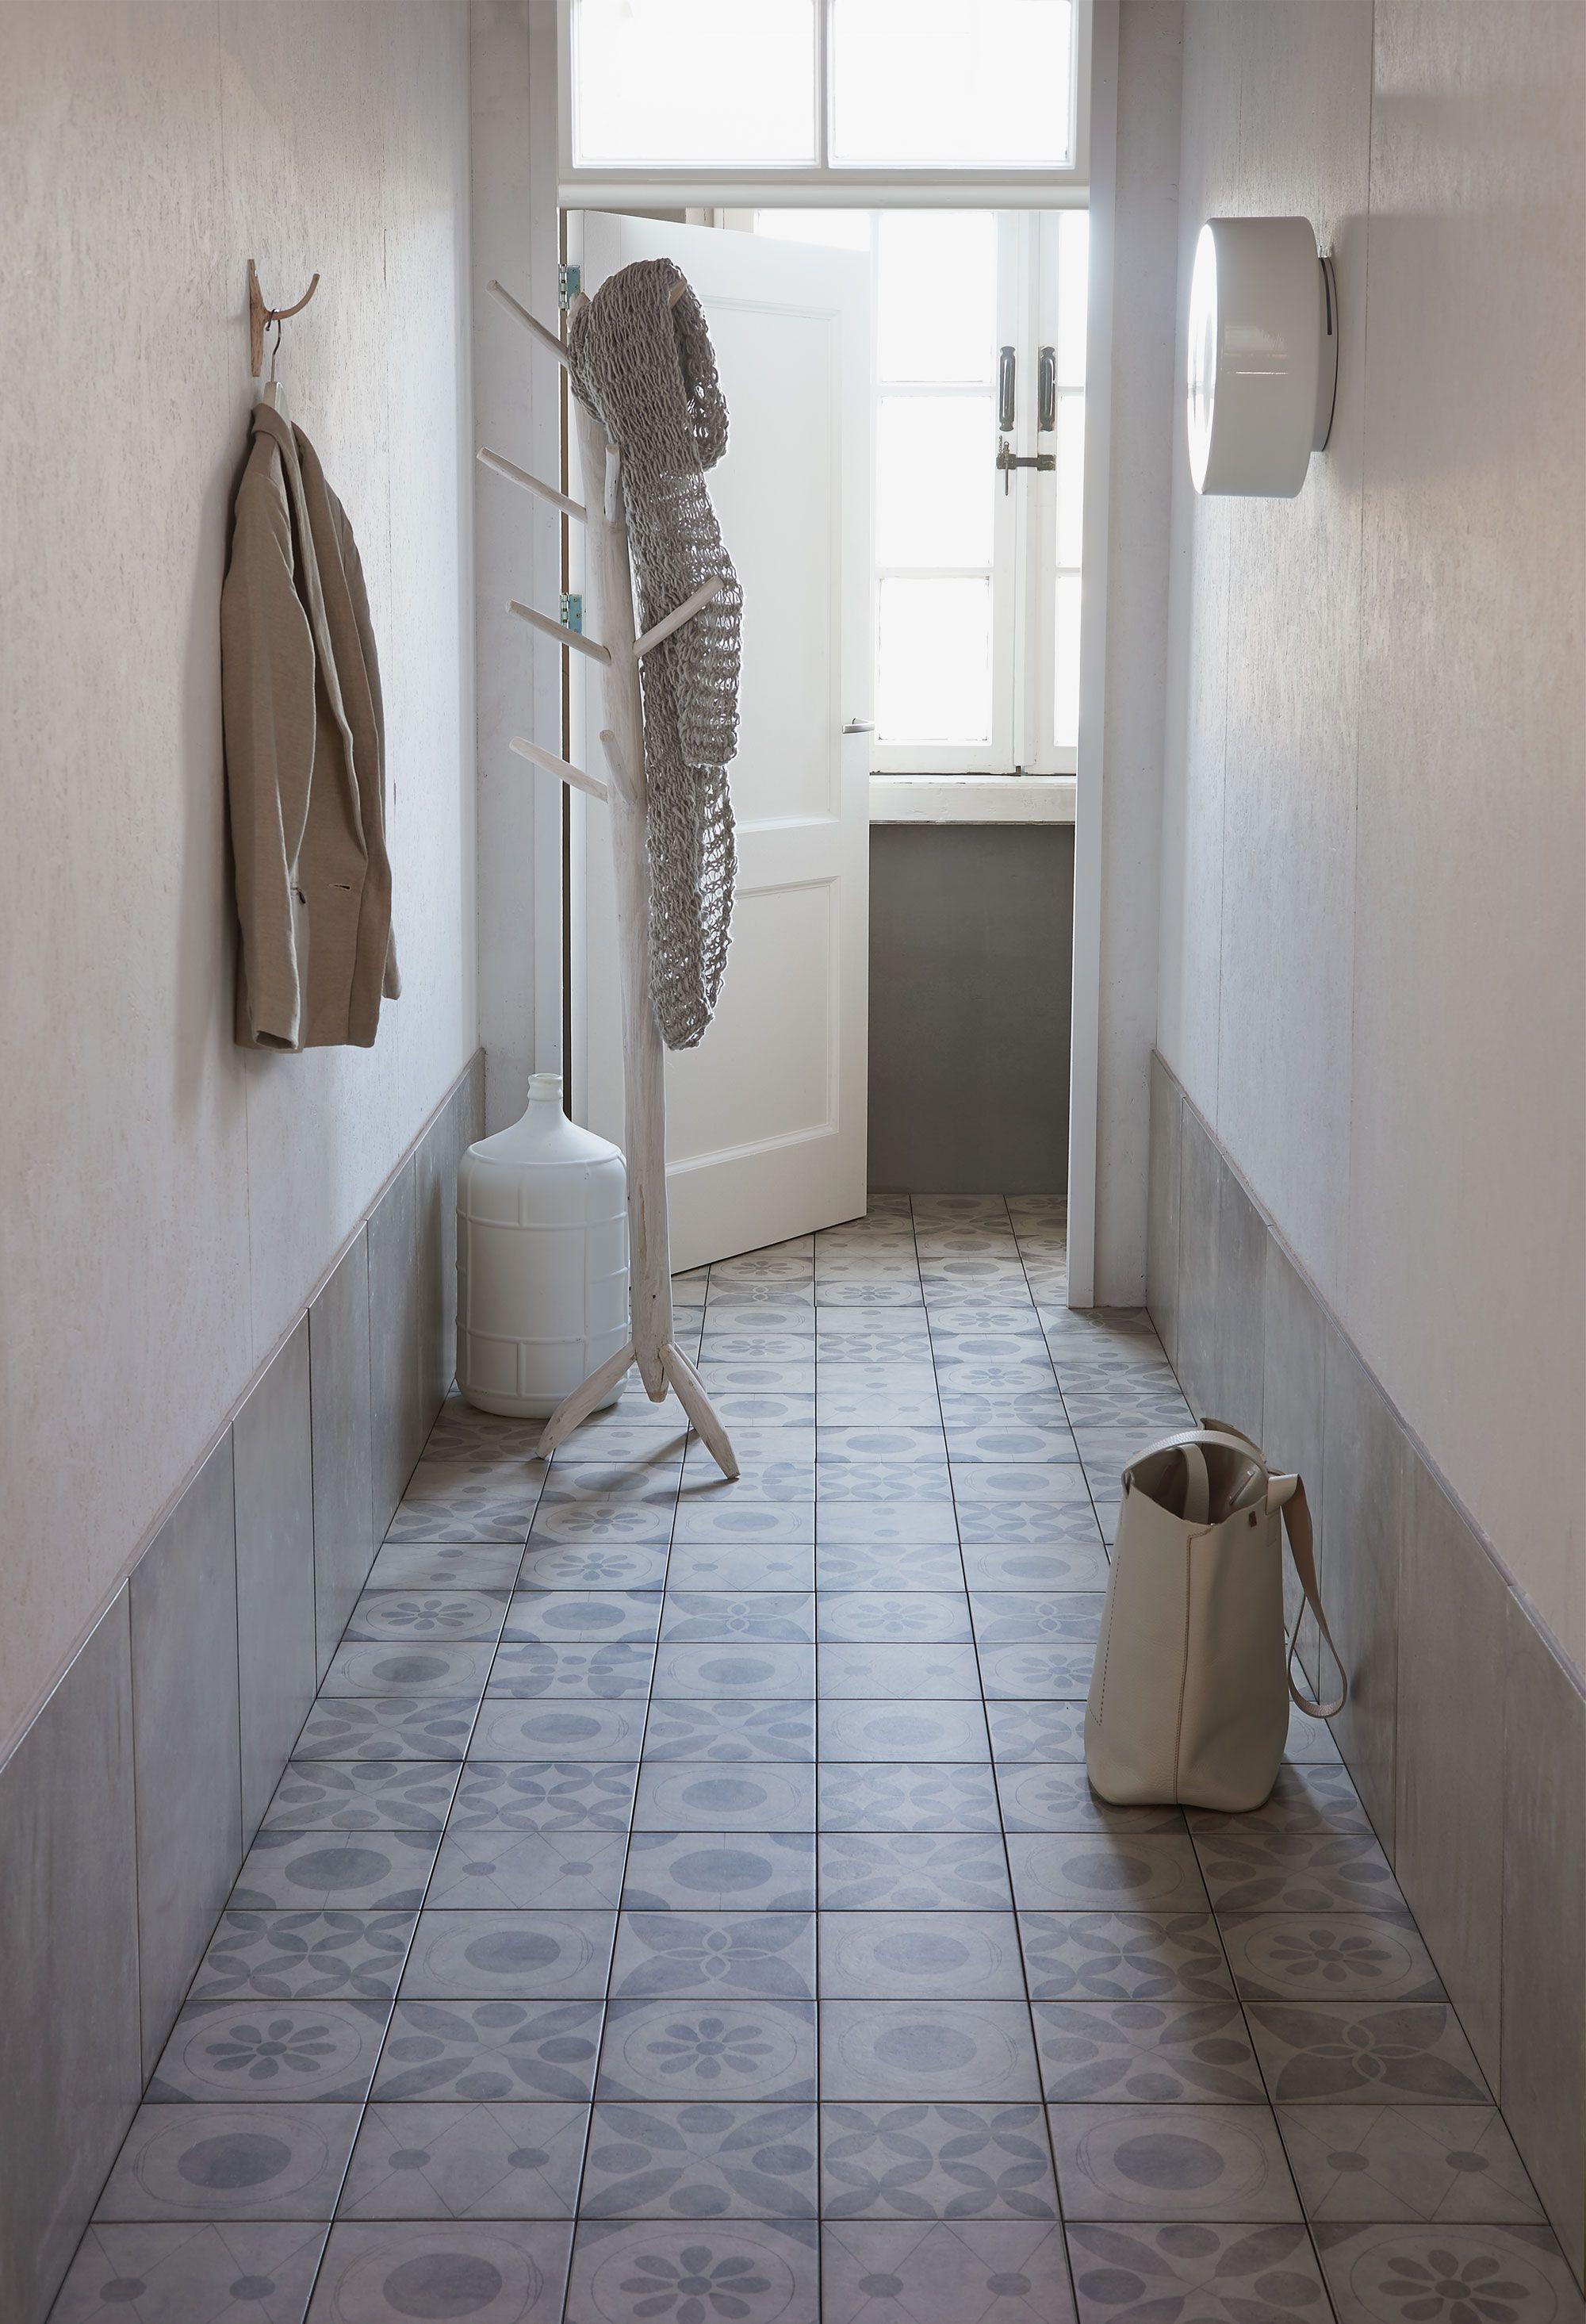 Nieuws - Tegeldepot breidt uit met vtwonen badkamer- en ...